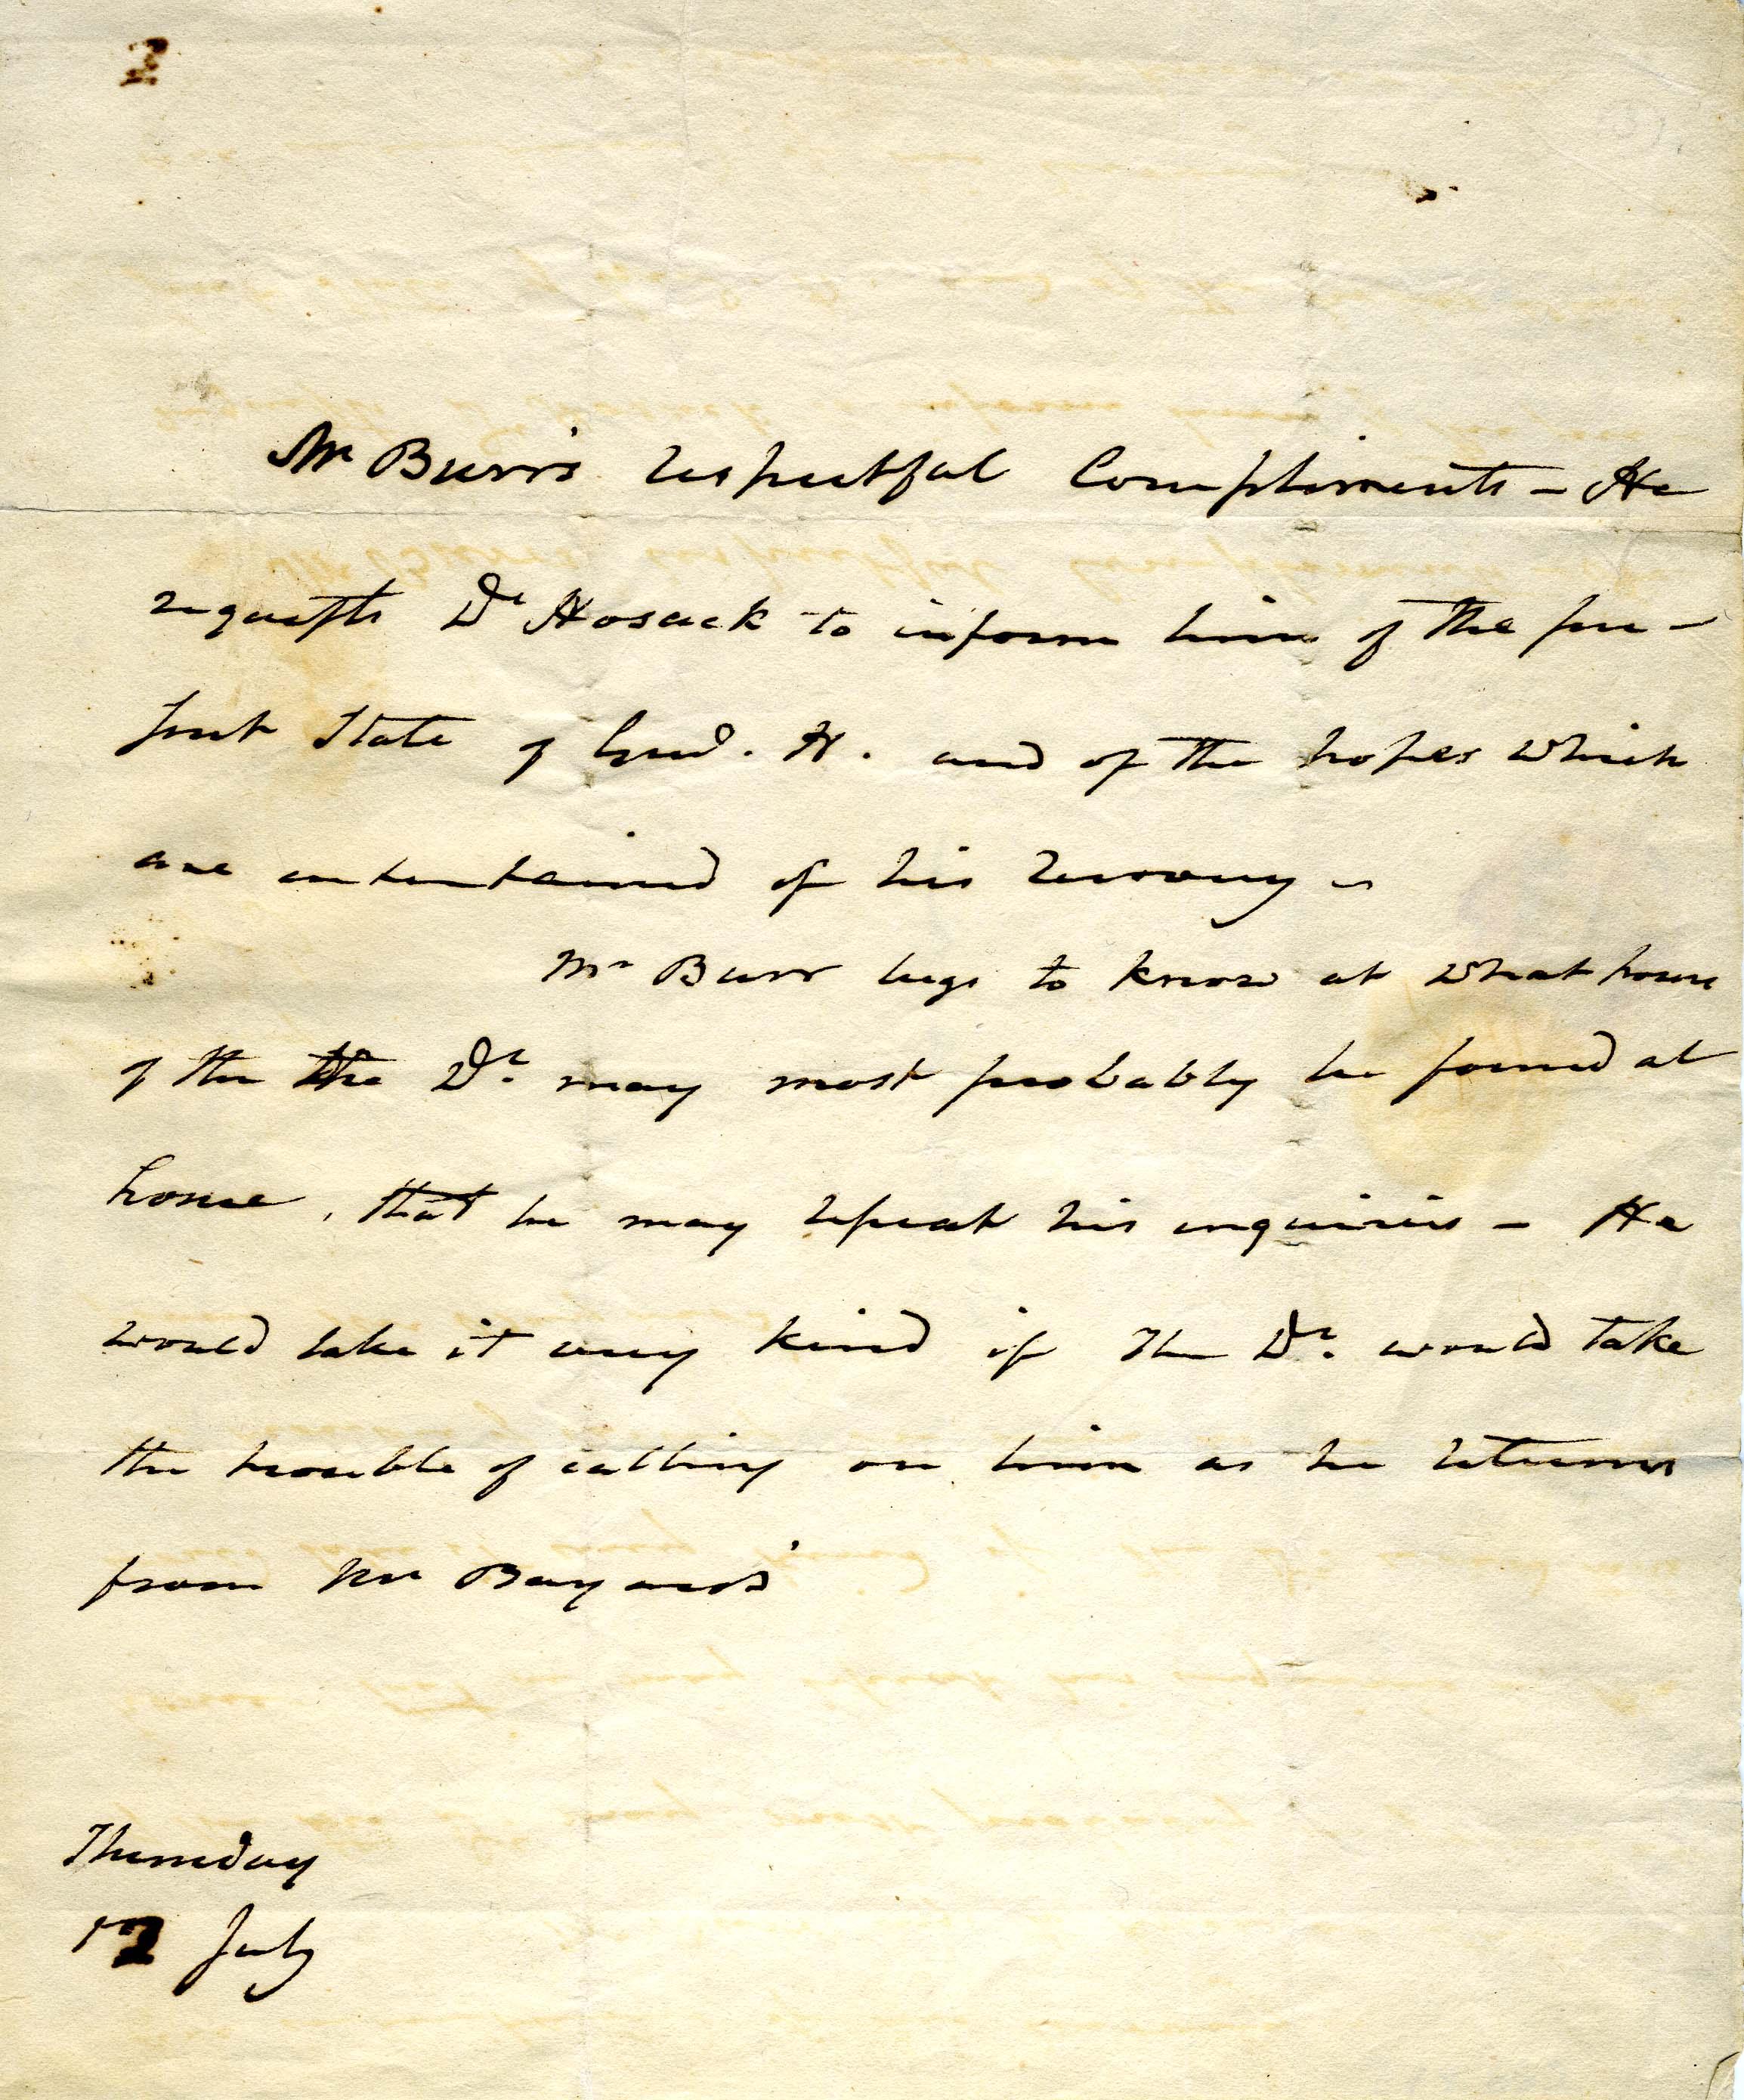 Burr-Hosack Letter 7:12:04.jpg